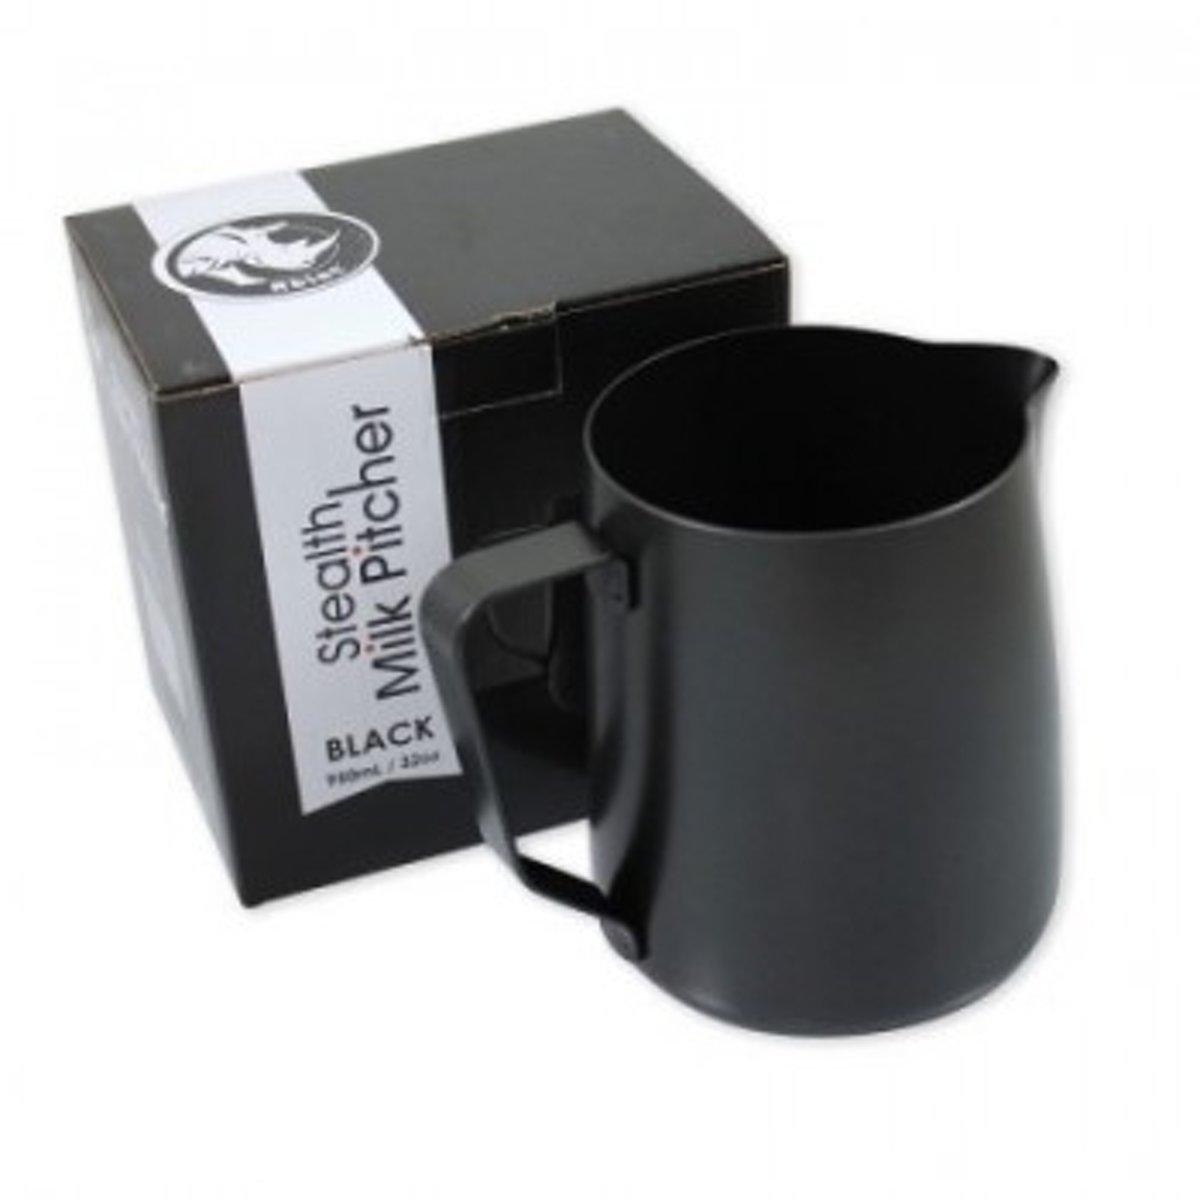 Rhinowares Stealth Milk pitcher Melkkan melkopschuimkan 600ml - Zwart kopen